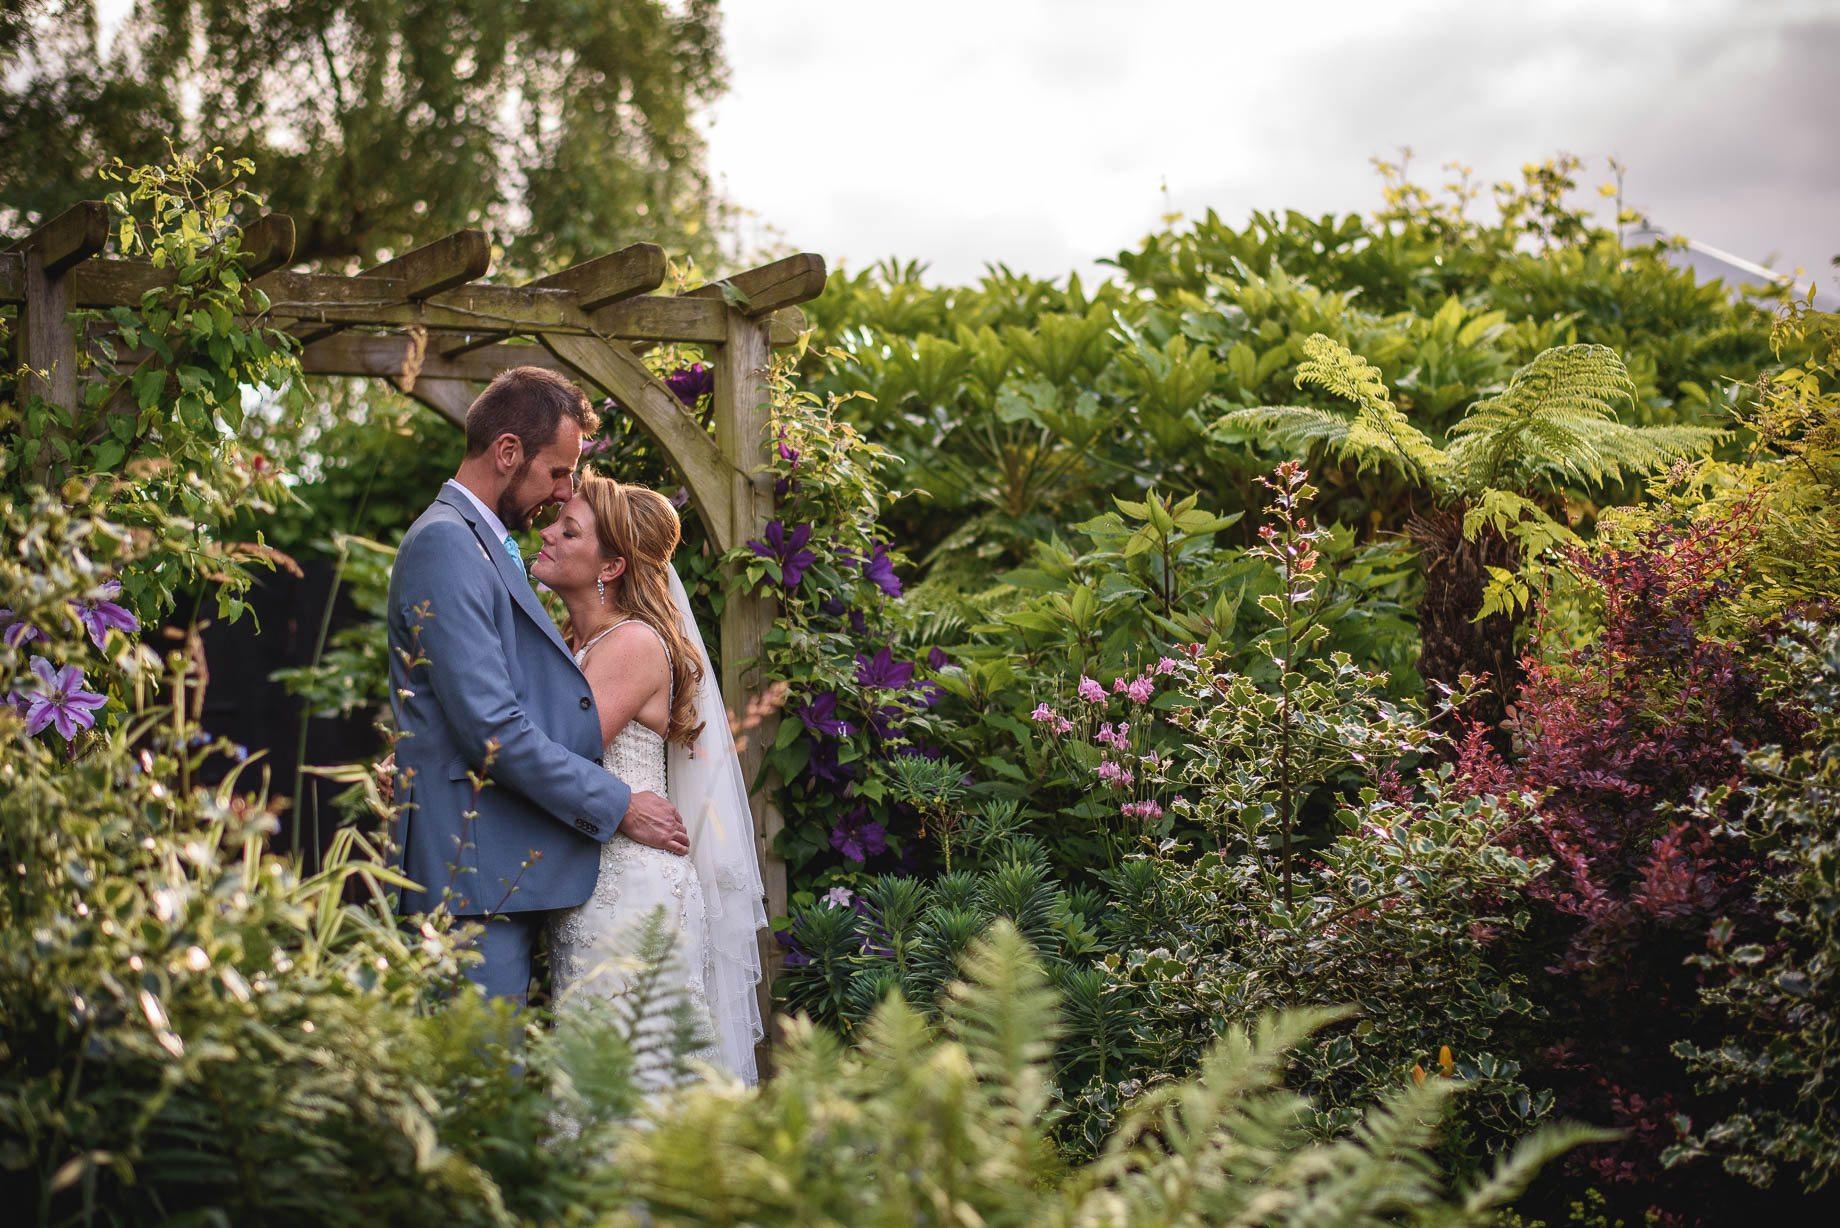 Bartholomew Barns wedding photography - Louise and Spencer